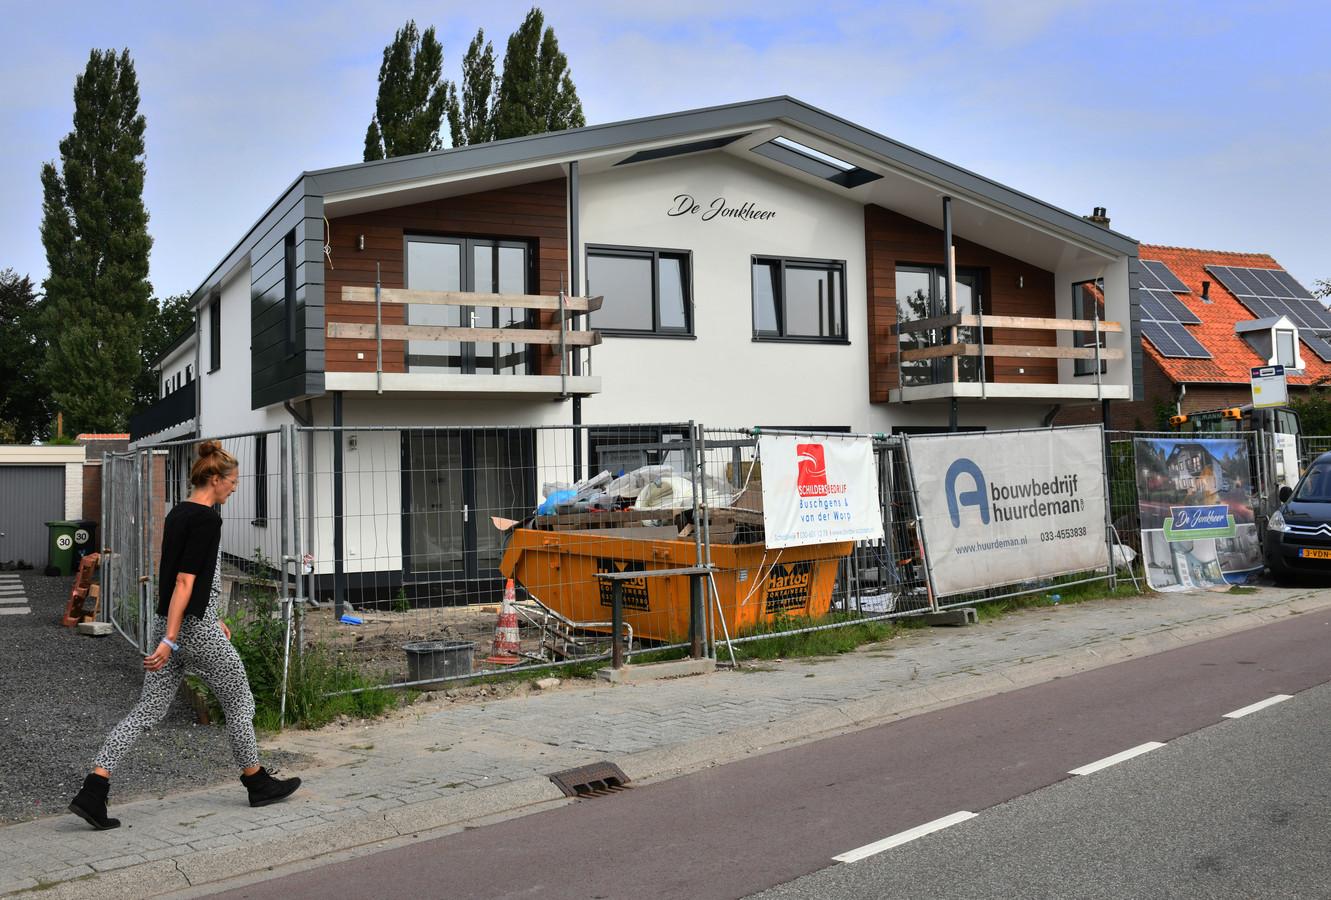 Op de plek van het oude dorpshuis is nu een appartementencomplex herrezen met een Oostenrijkse uitstraling.